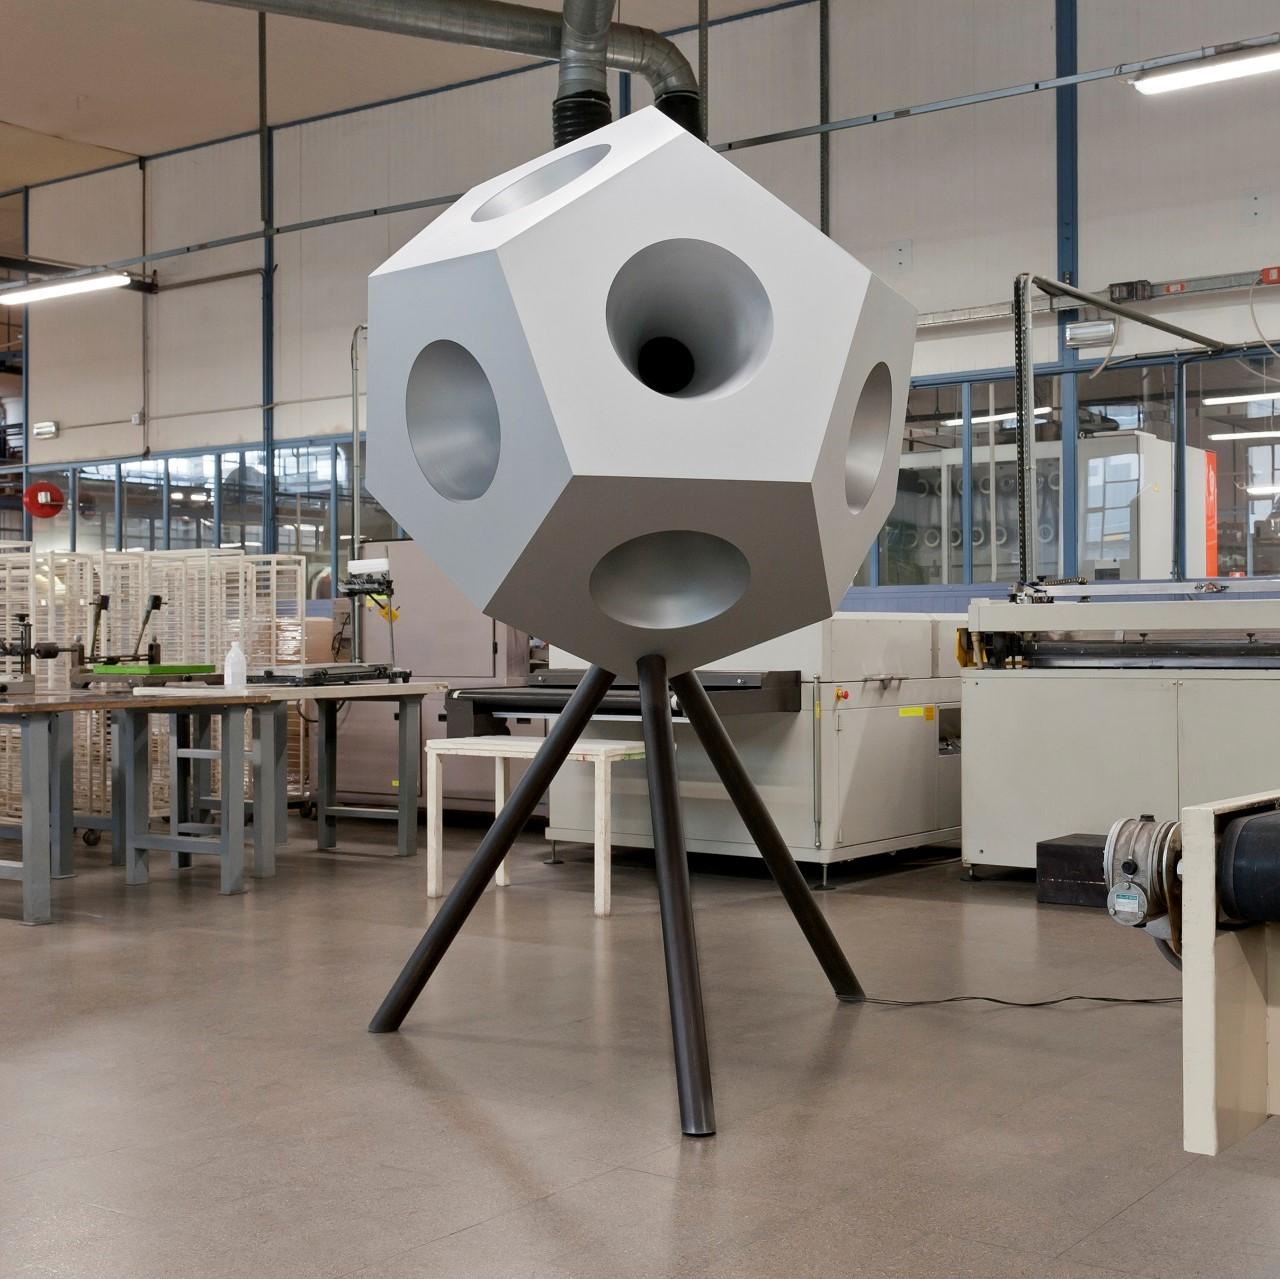 GIOVANARDI | 10 x 100 fabbrica d'arte contemporanea